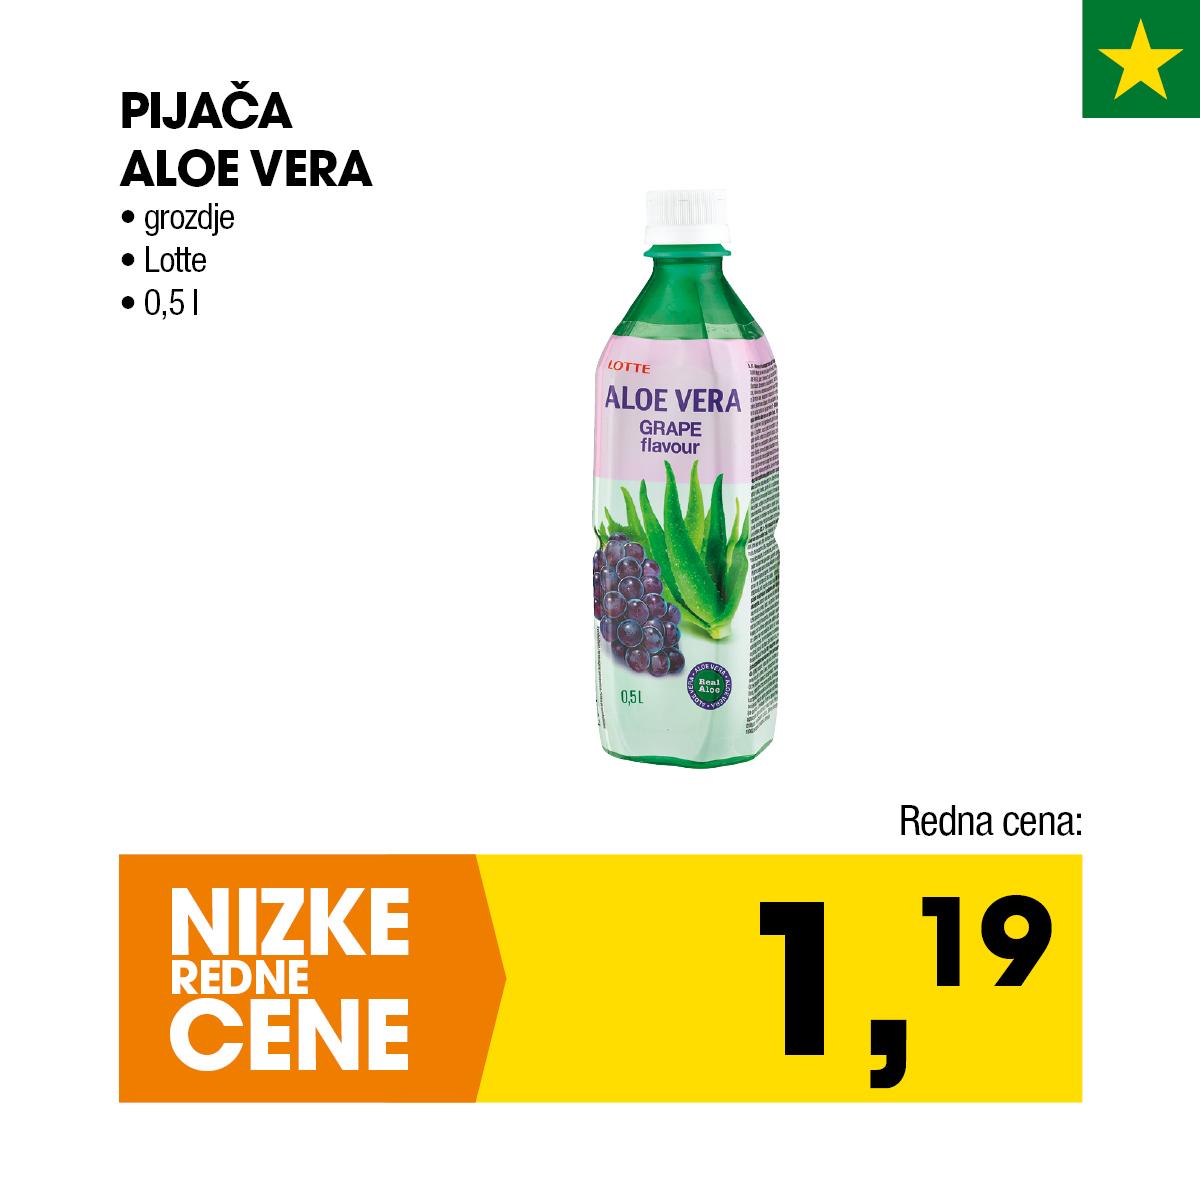 Nizke cene - Pijača Aloe Vera